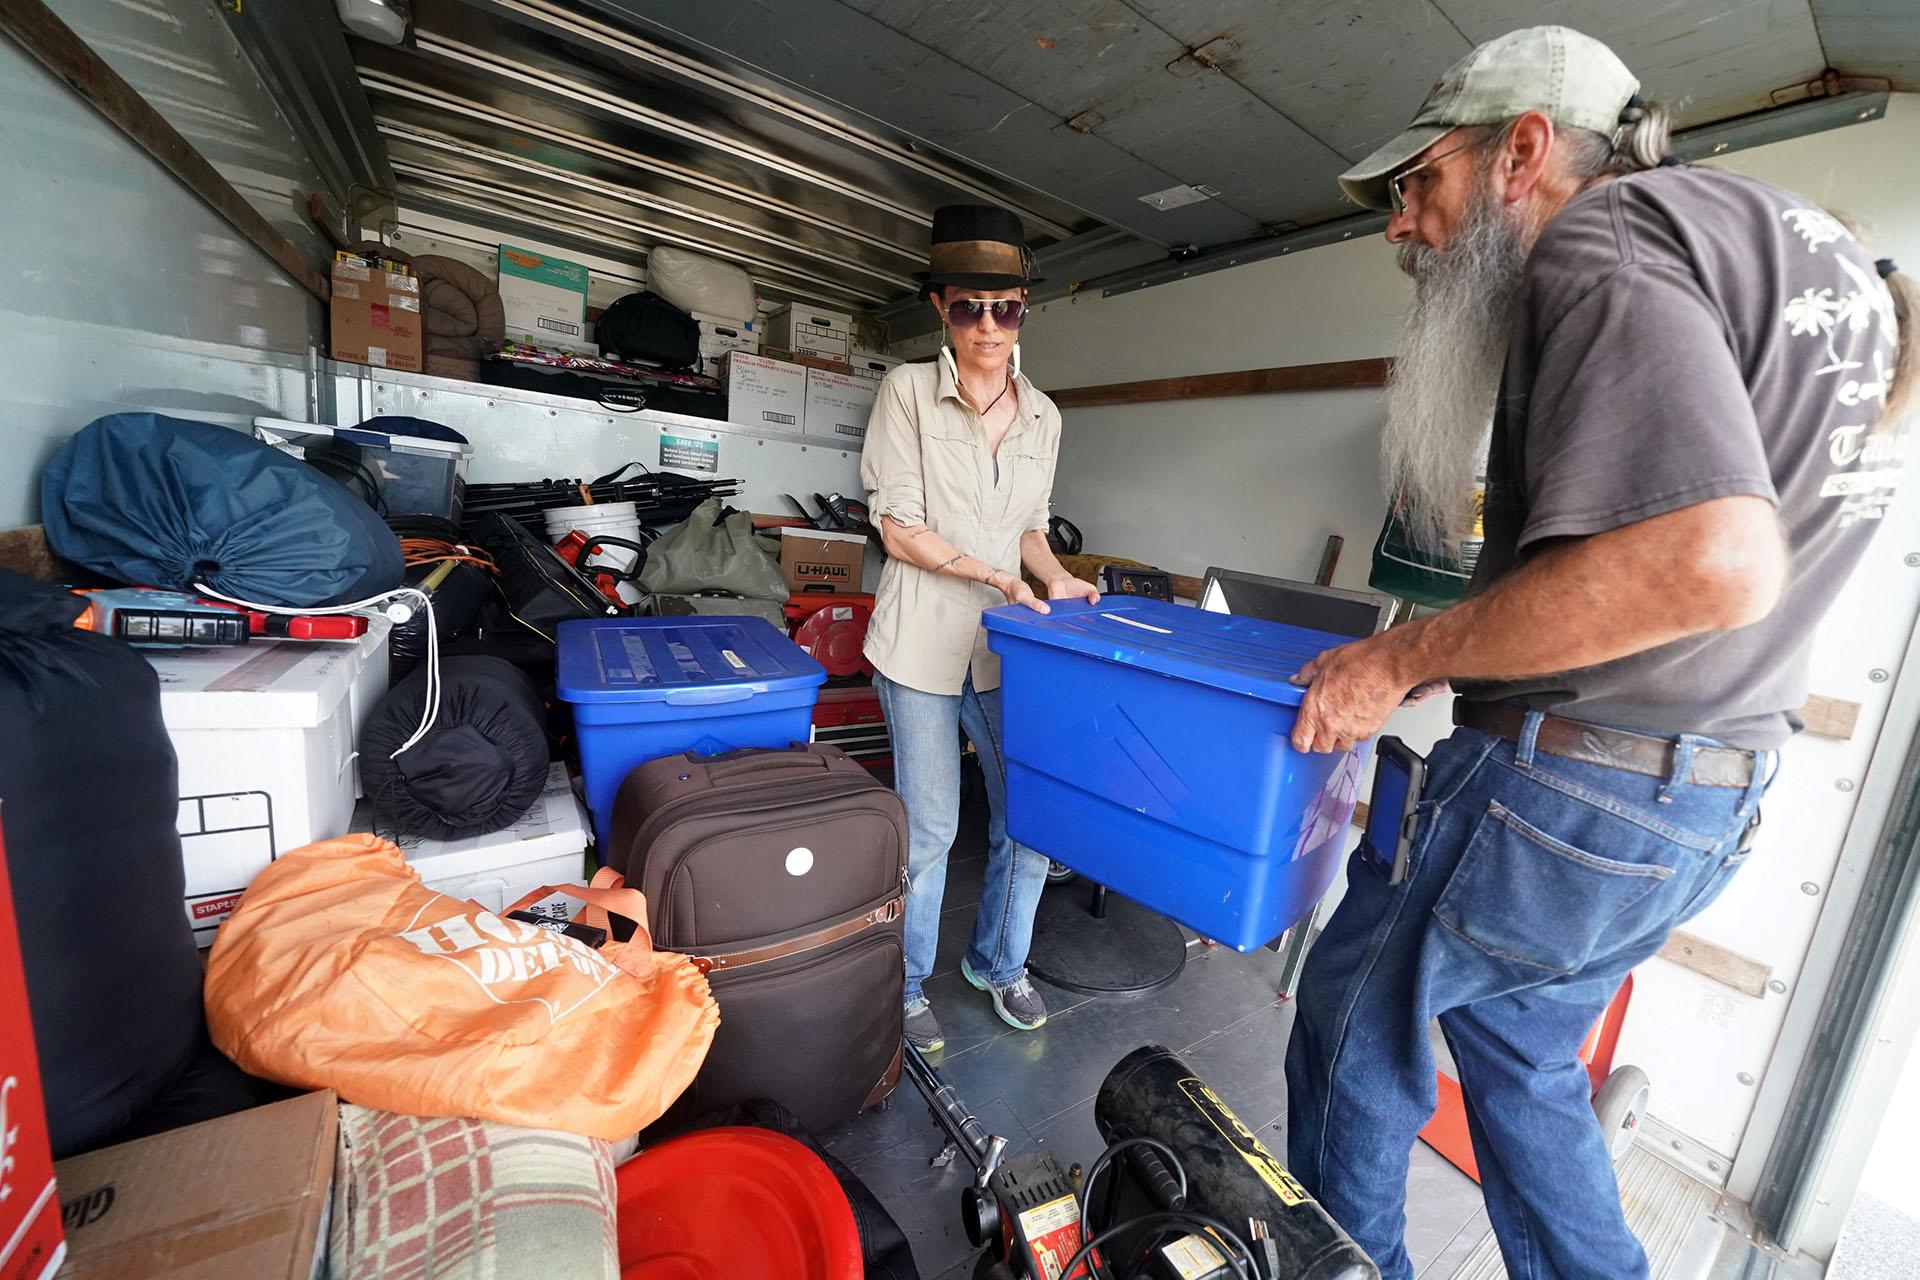 Blaire Johnson y Mike Driver cargan sus pertenencias en un camión de alquiler antes de que el huracán Florence llegue a la costa en Carolina Beach (REUTERS / Carlo Allegri)